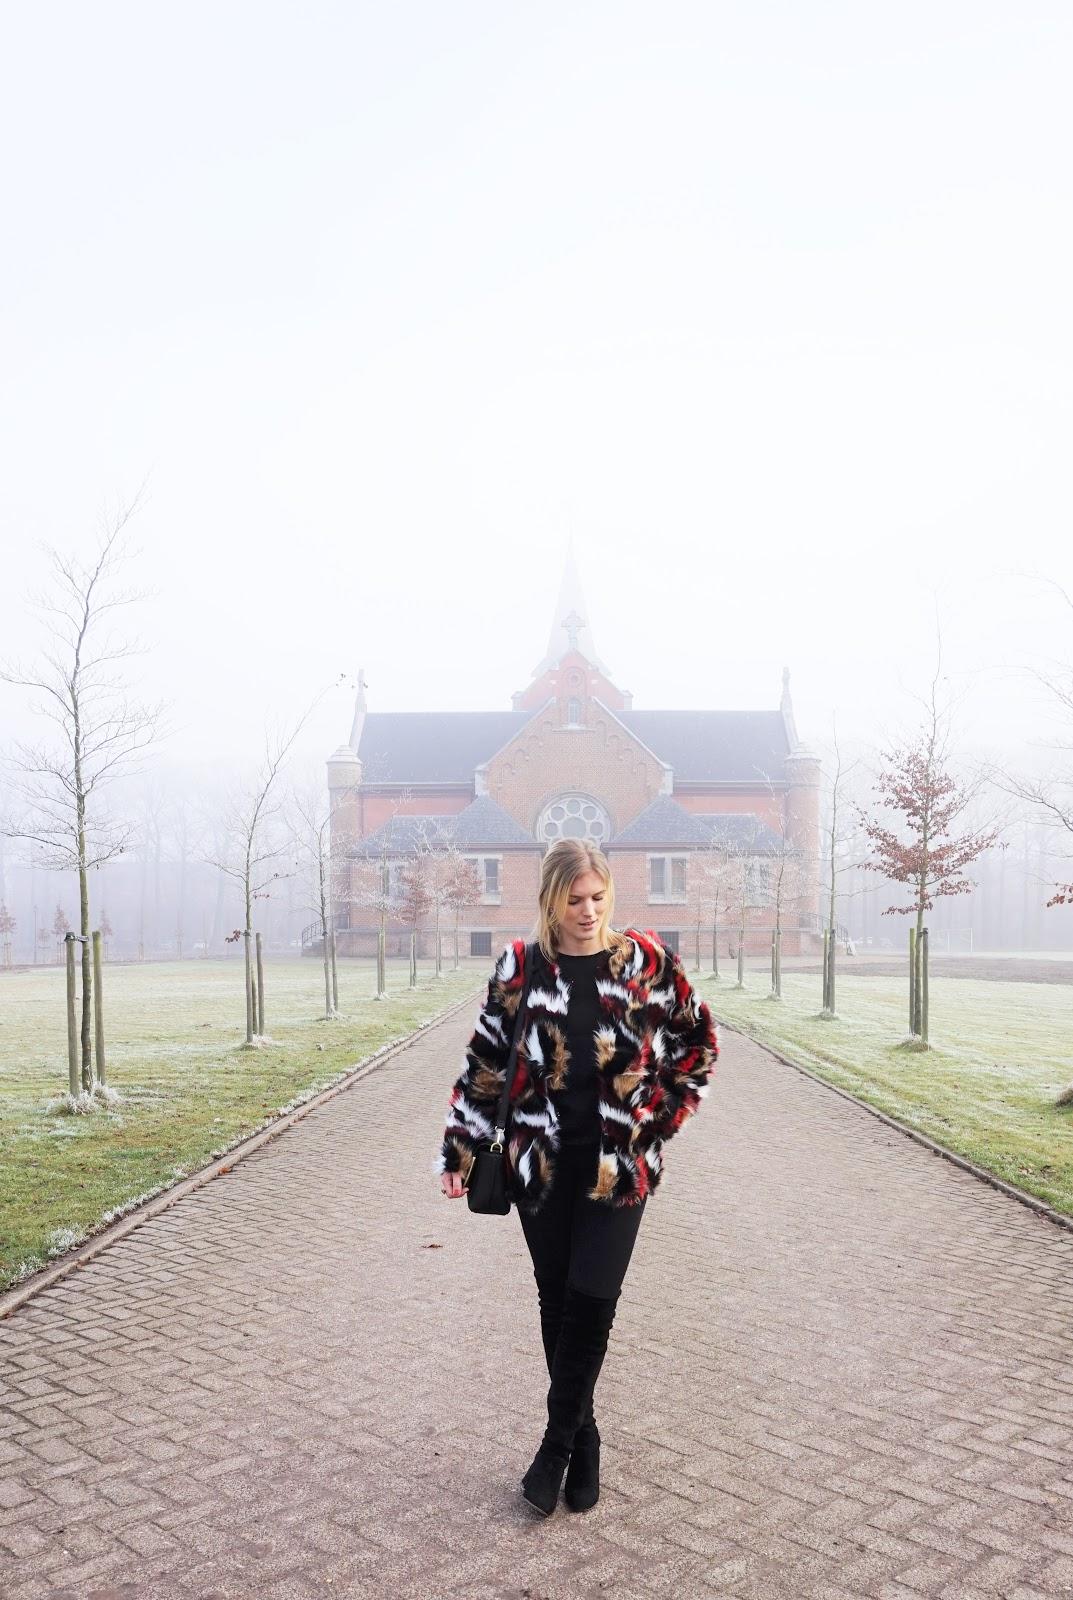 DSC02822 | Eline Van Dingenen